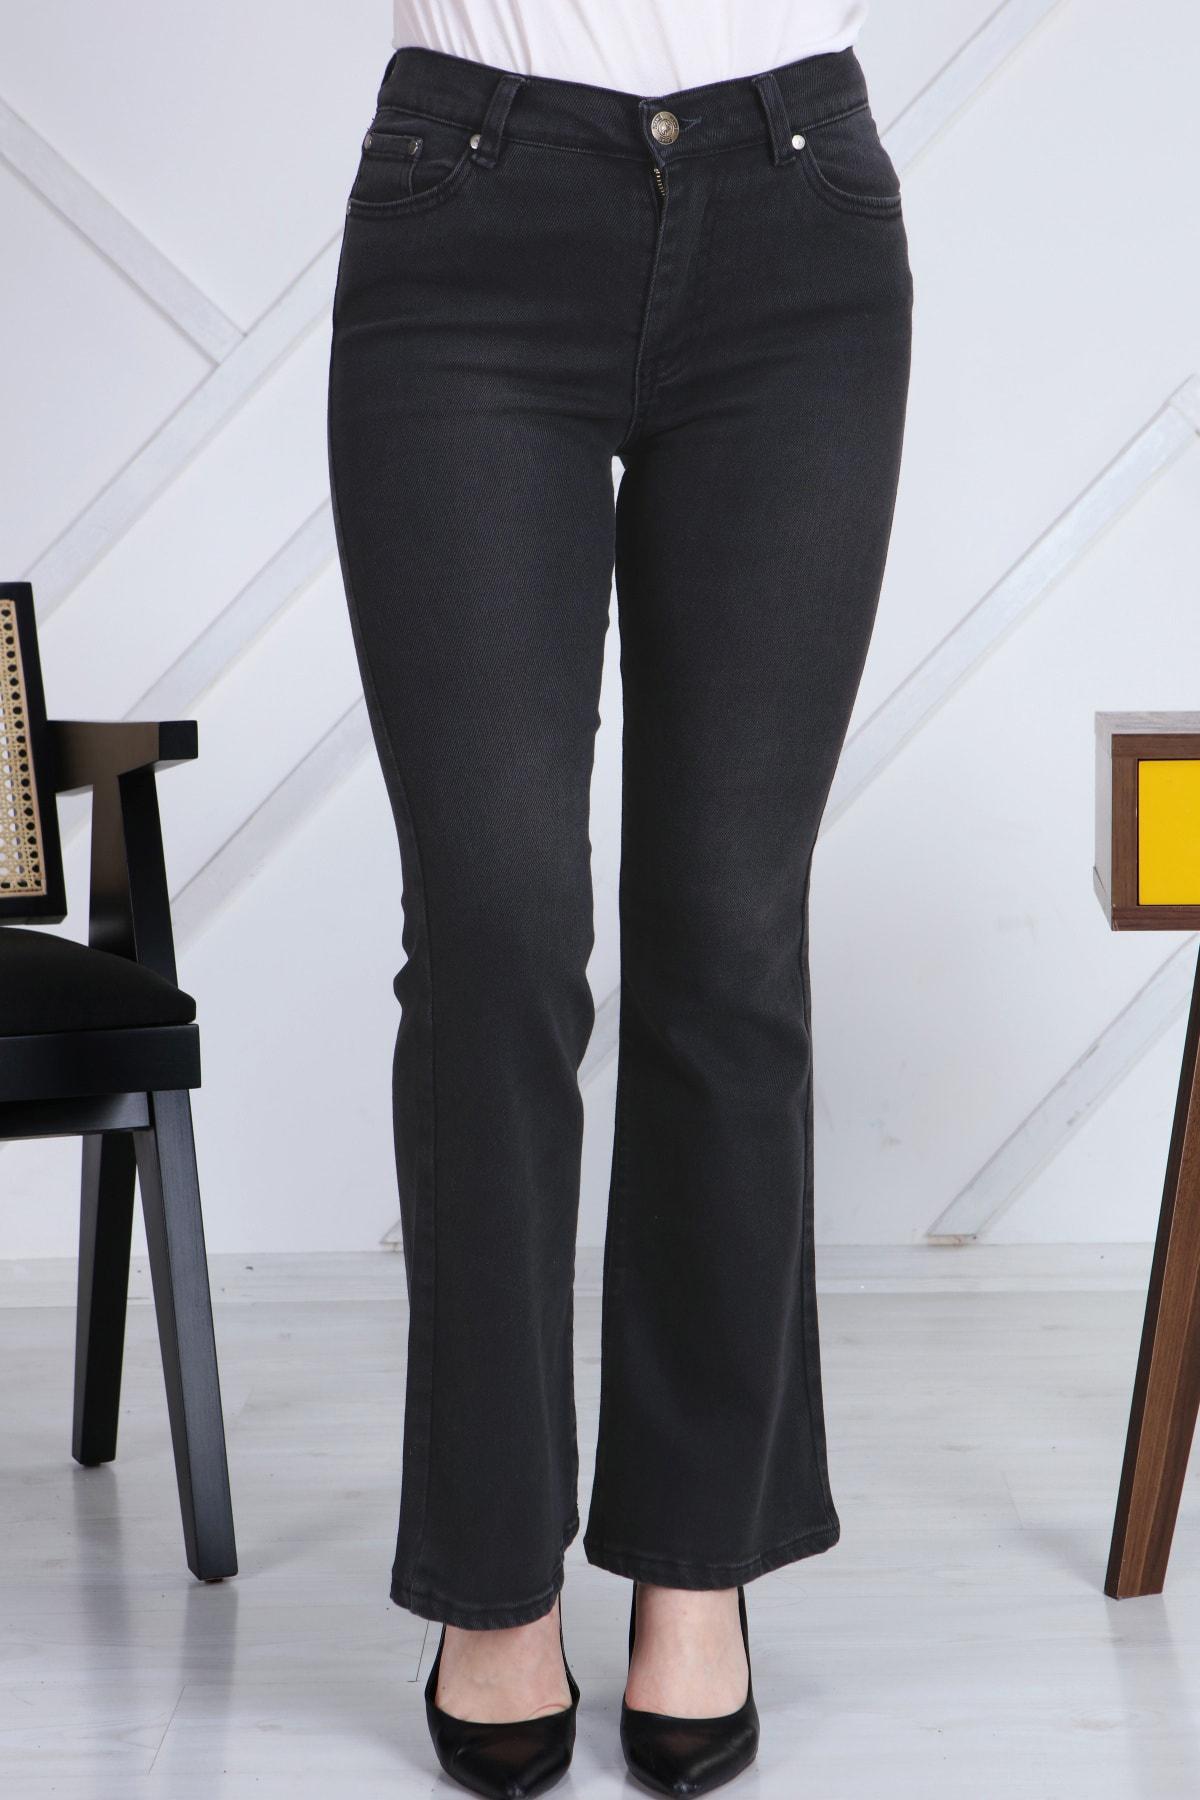 Gül Moda Antrasit Ispanyol Paça Likralı Yüksek Bel Kot Pantolon Jeans G00ipsi 1